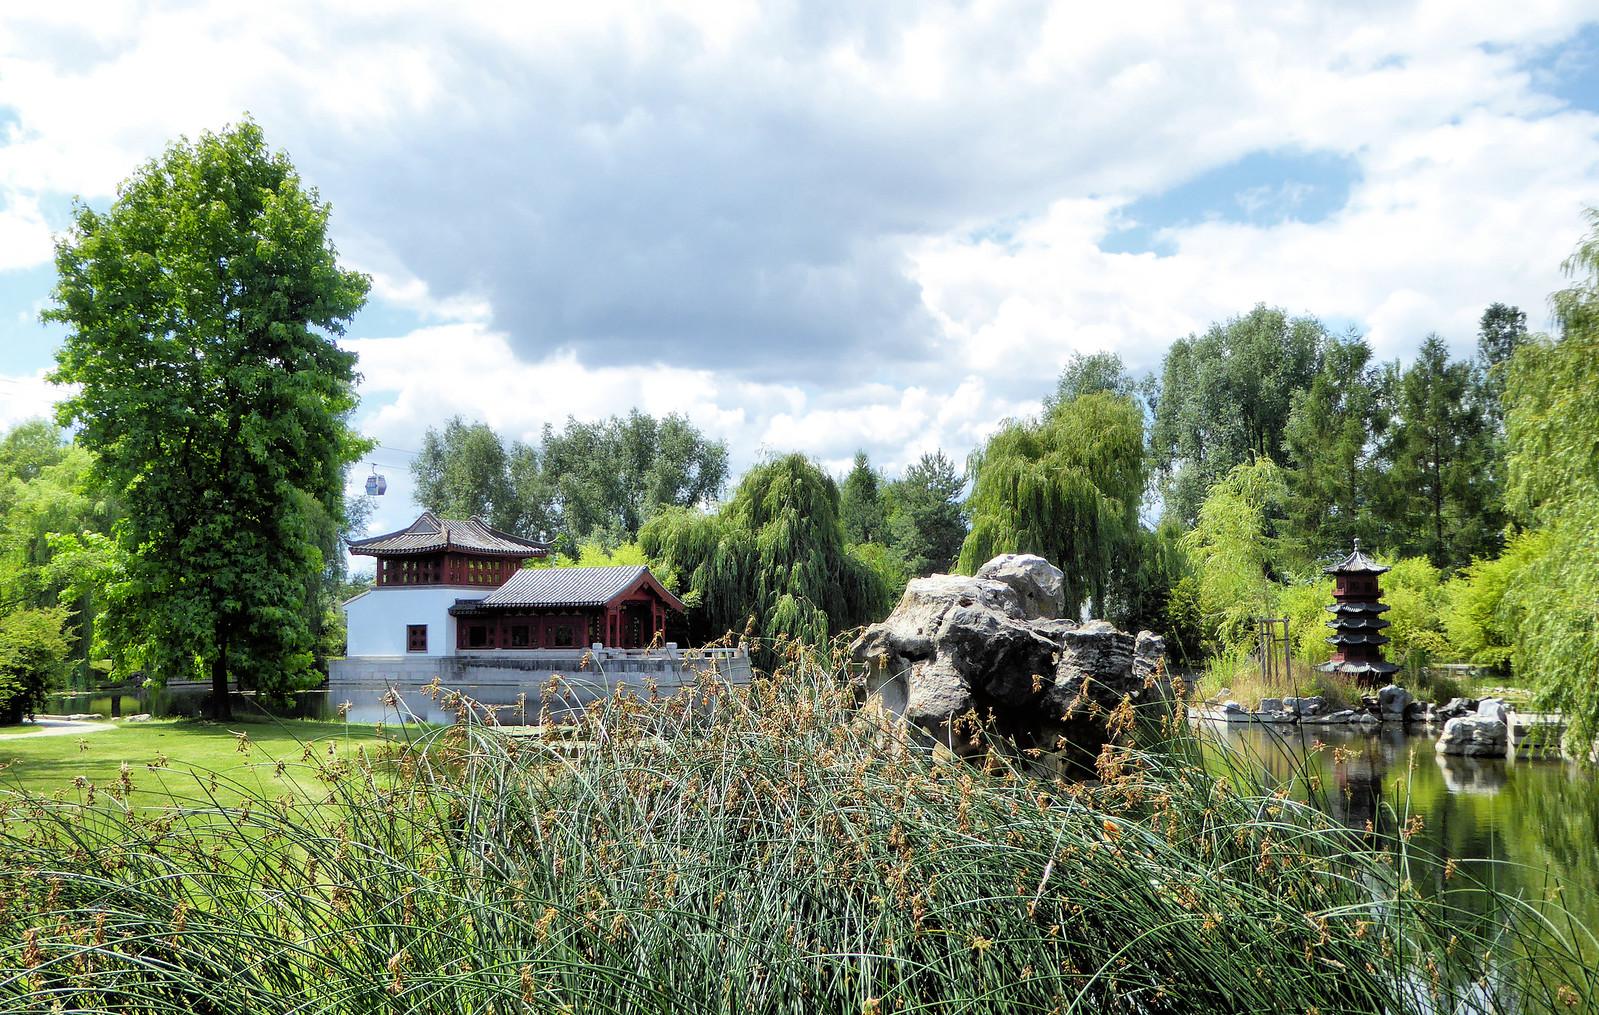 Chinesischer Garten, Panasonic DMC-TZ61